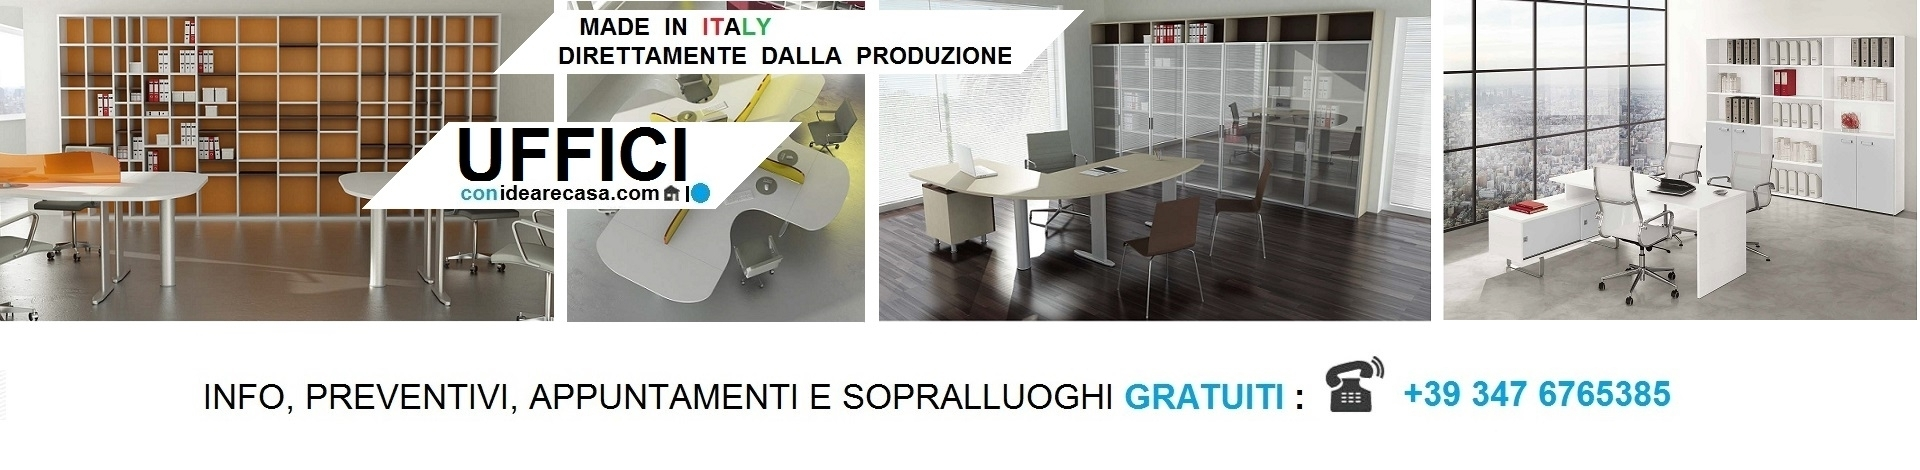 Arredo e Mobili per Uffici made in Italy a Bologna